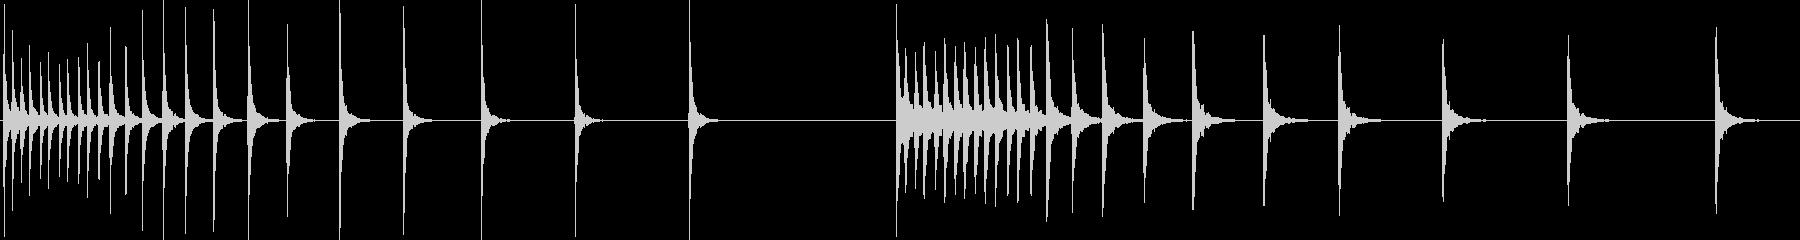 BONGO、DRUM、MUTED、...の未再生の波形